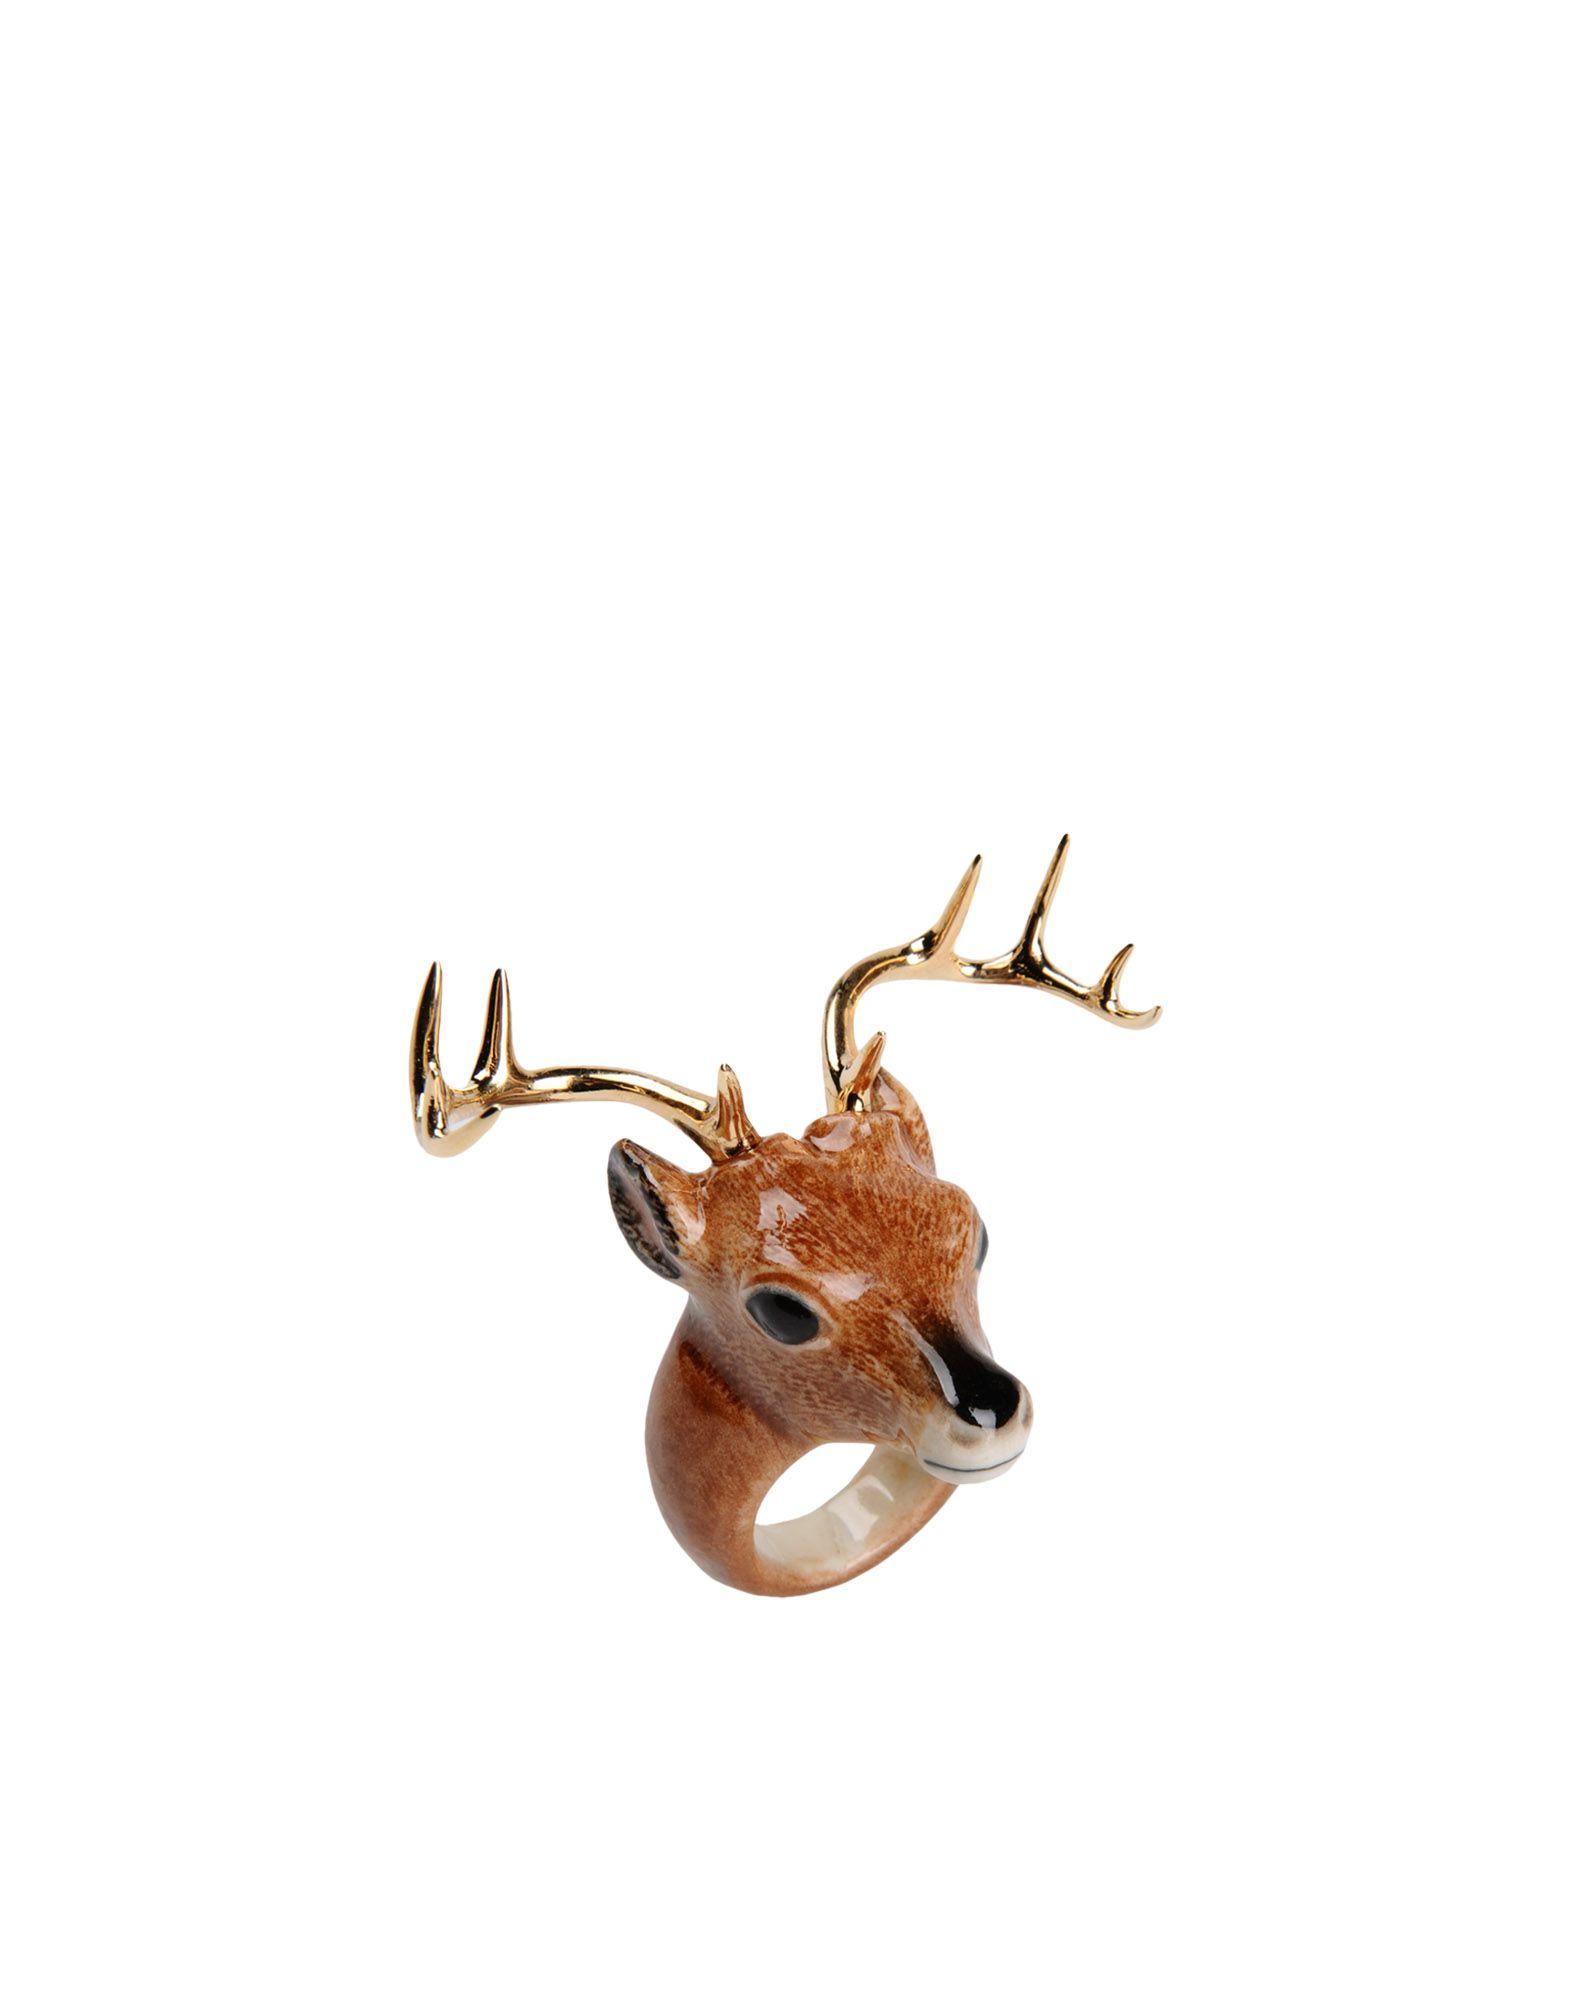 《送料無料》NACH レディース 指輪 ブラウン one size セラミック / 真鍮/ブラス